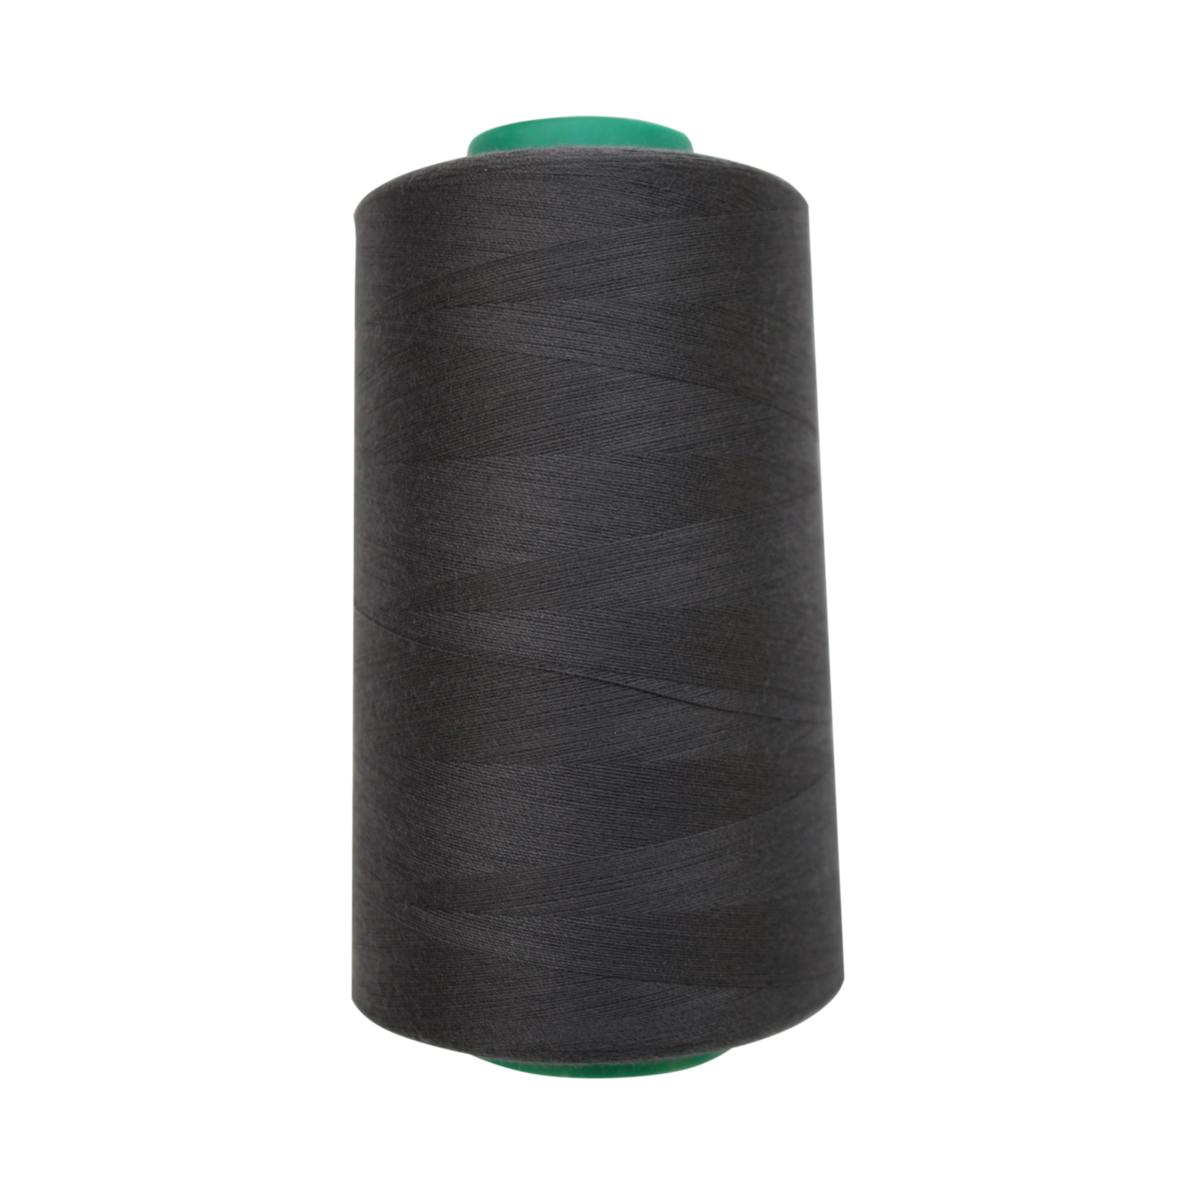 Нитки для шитья Bestex 50/2, 5000 ярд, цвет: т.т.сажа (188)7700936-188Сфера использования: трикотаж; ткани малого веса; оверлочные швы; отделка краев; вышивка. Размер игл №70-80